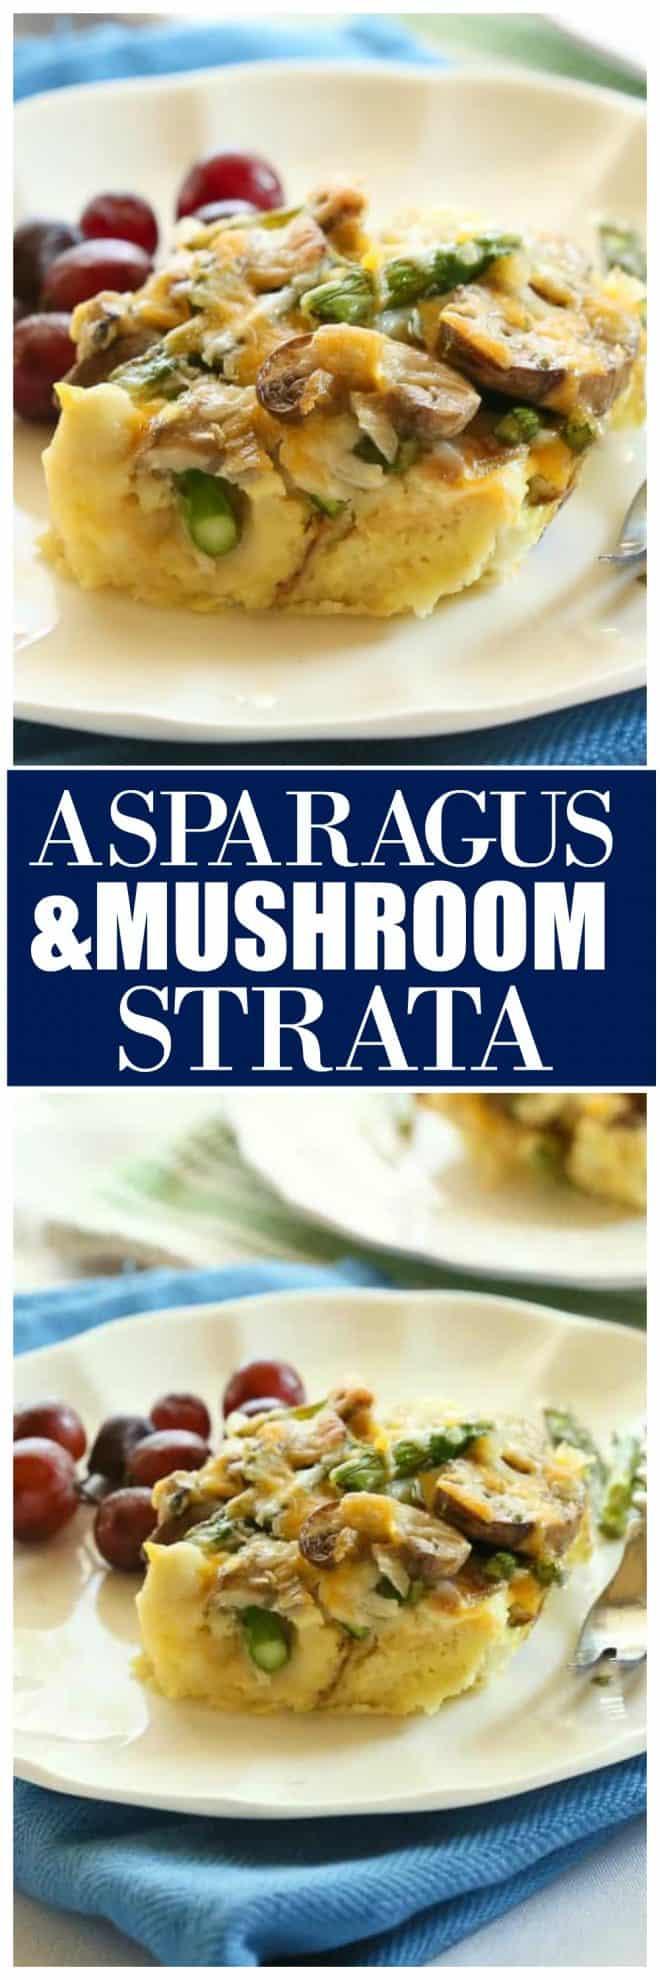 Asparagus and Mushroom Strata